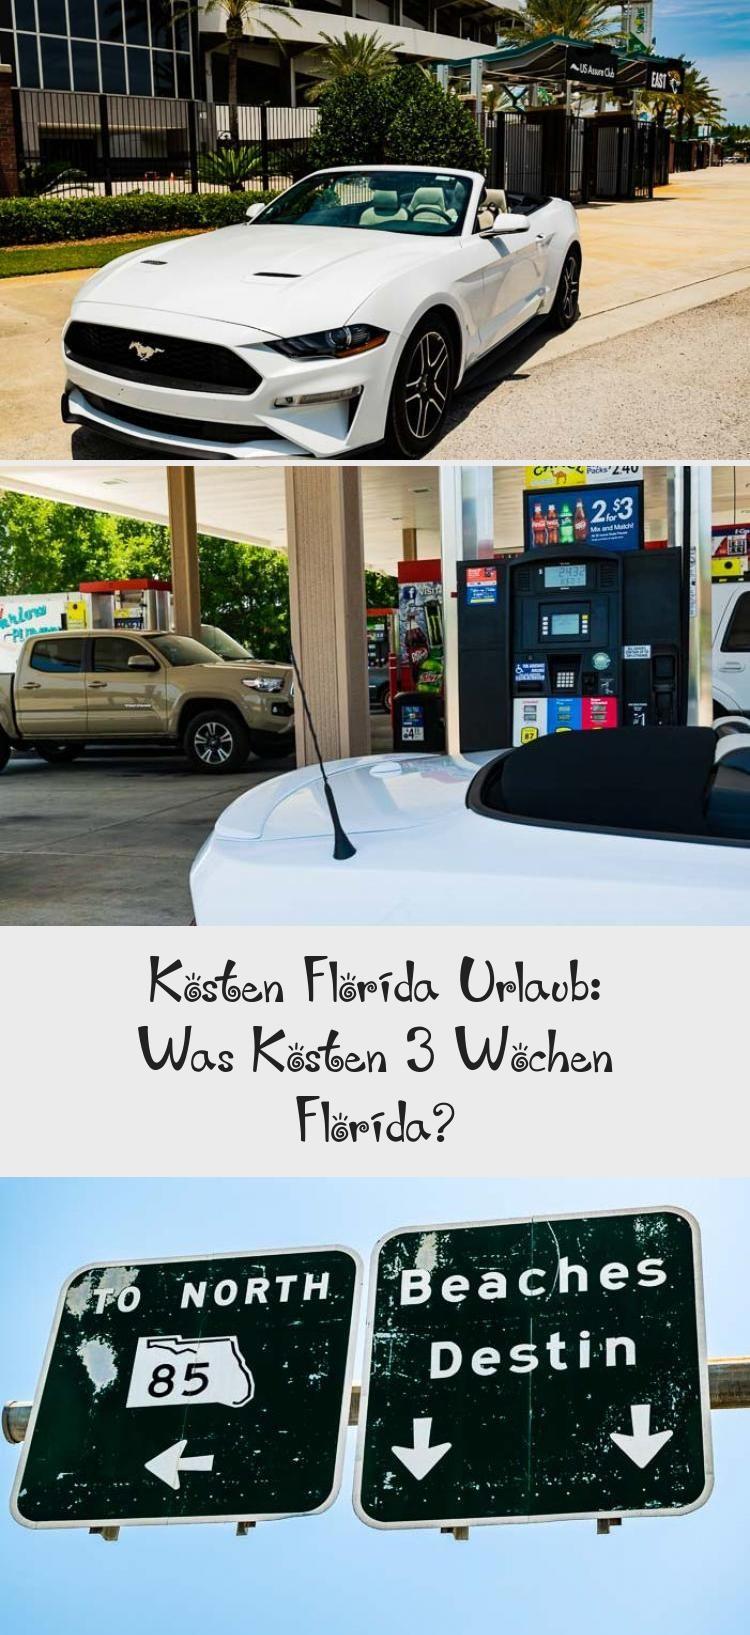 Kosten Florida Urlaub Was Kosten 3 Wochen Florida Urlaub Urlaub Holland Frankreich Urlaub